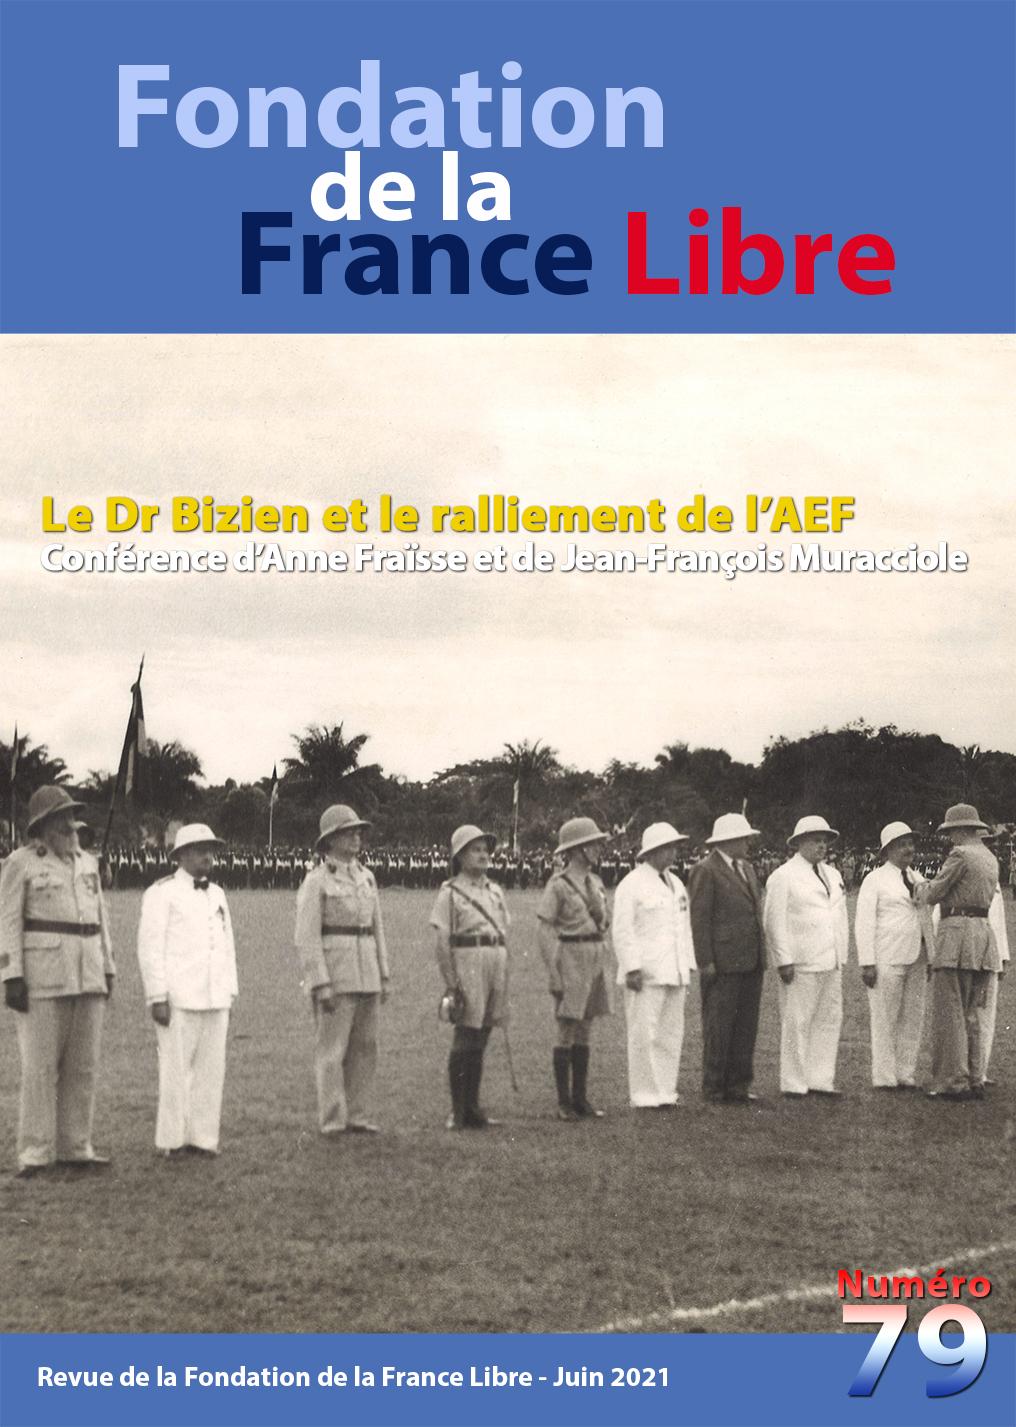 Fondation de la France Libre, n° 79, juin 2021